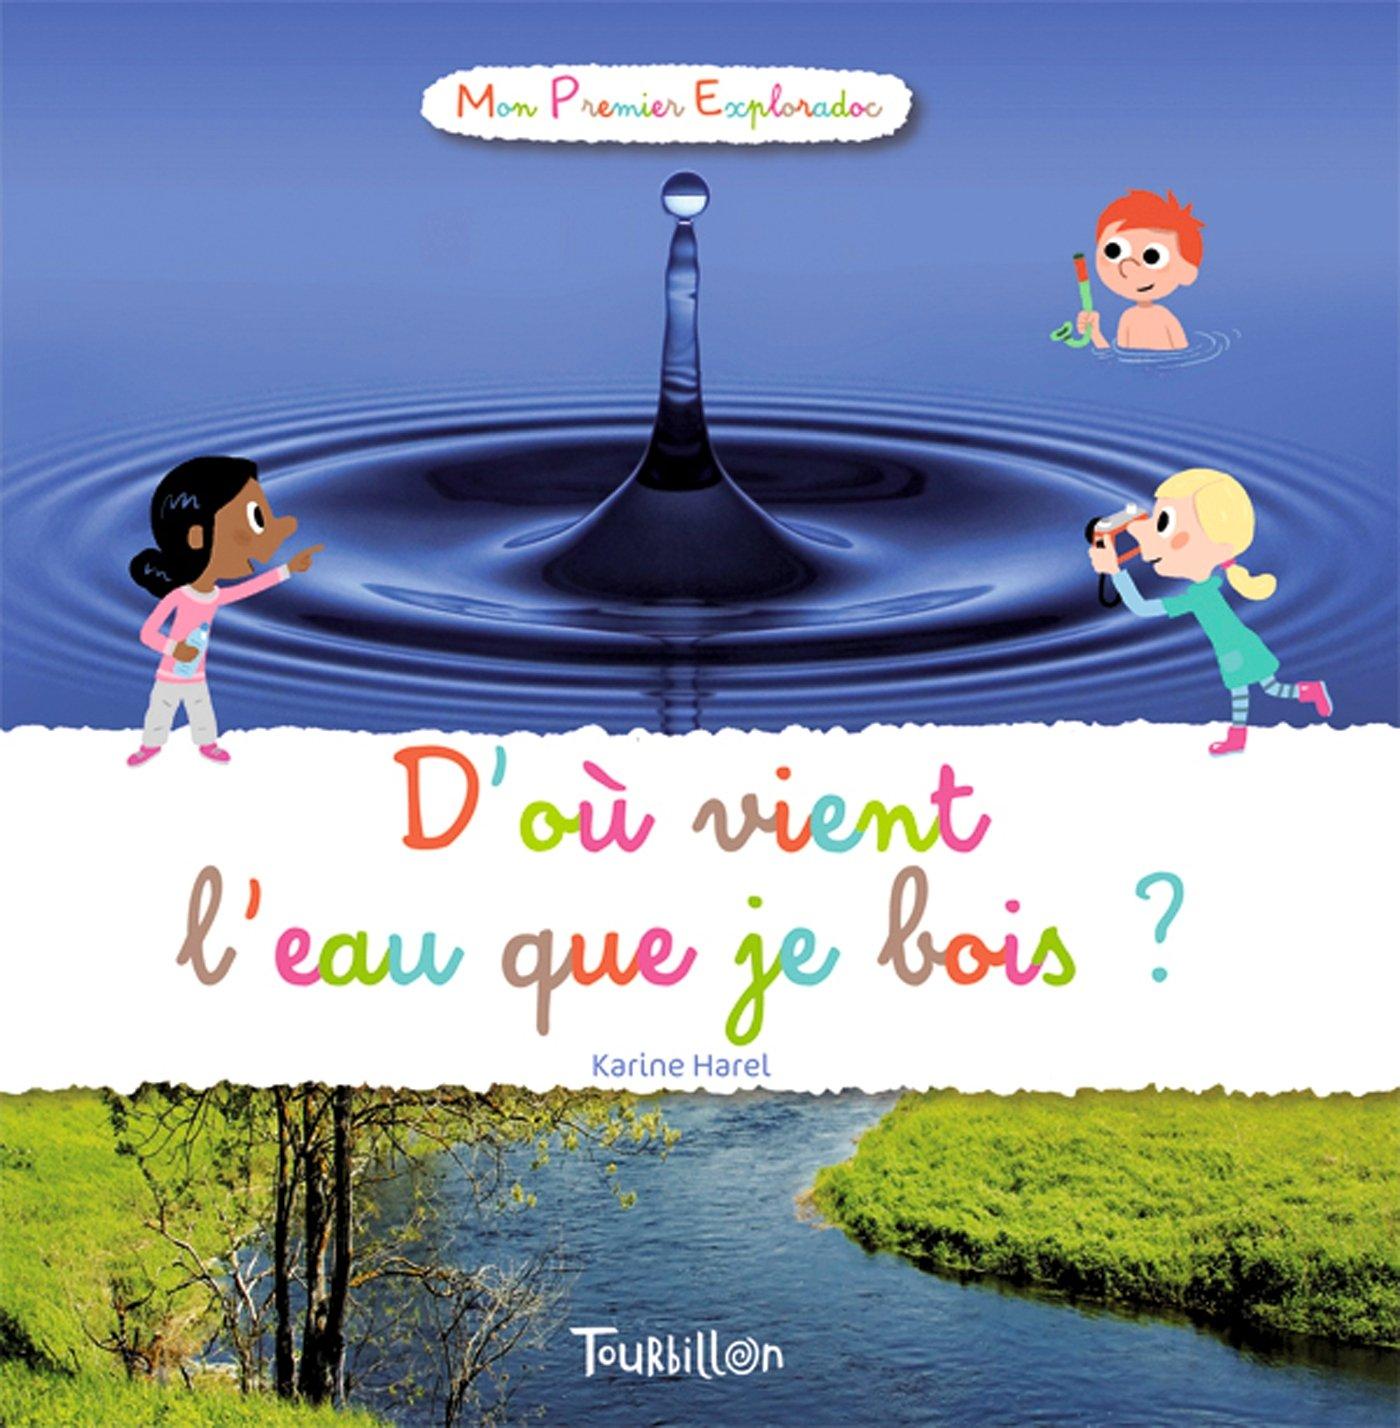 D'où vient l'eau que je bois ? Album – 24 juin 2010 Didier Balicevic Karine Harel Tourbillon 2848015438